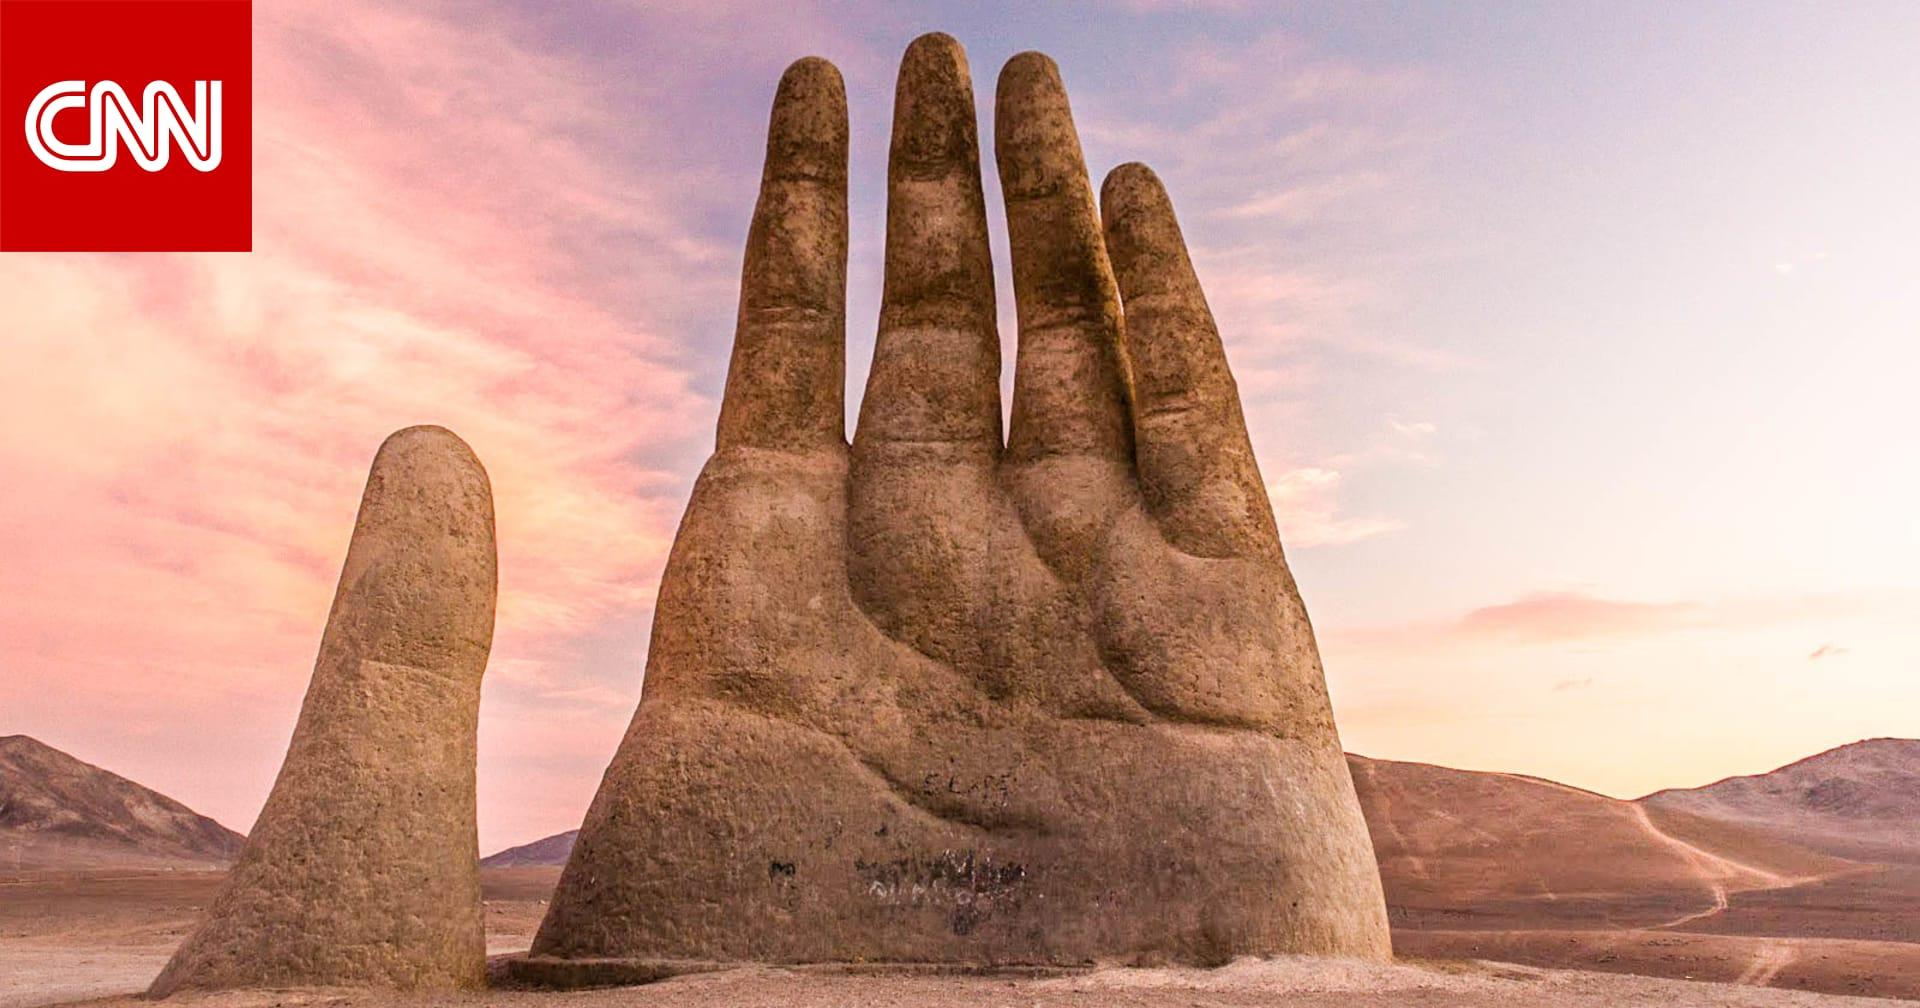 يد عملاقة تخرج من أرض الصحراء هل هي معلم أم سراب Cnn Arabic